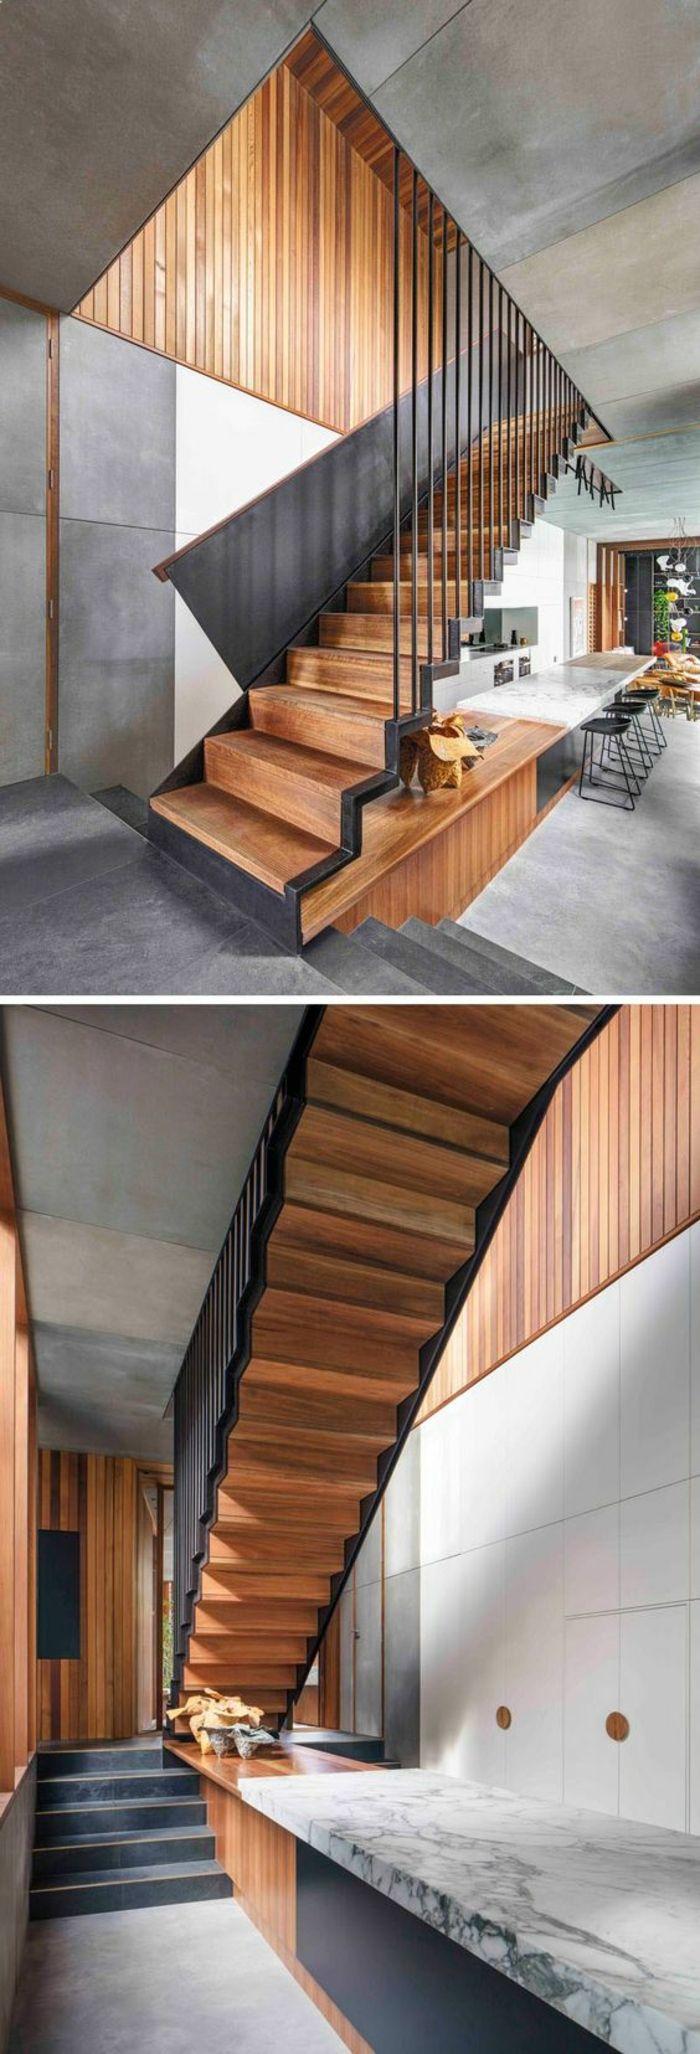 Escalier Bois Metal Noir ▷ 1001+ idées pour un escalier design + les intérieurs